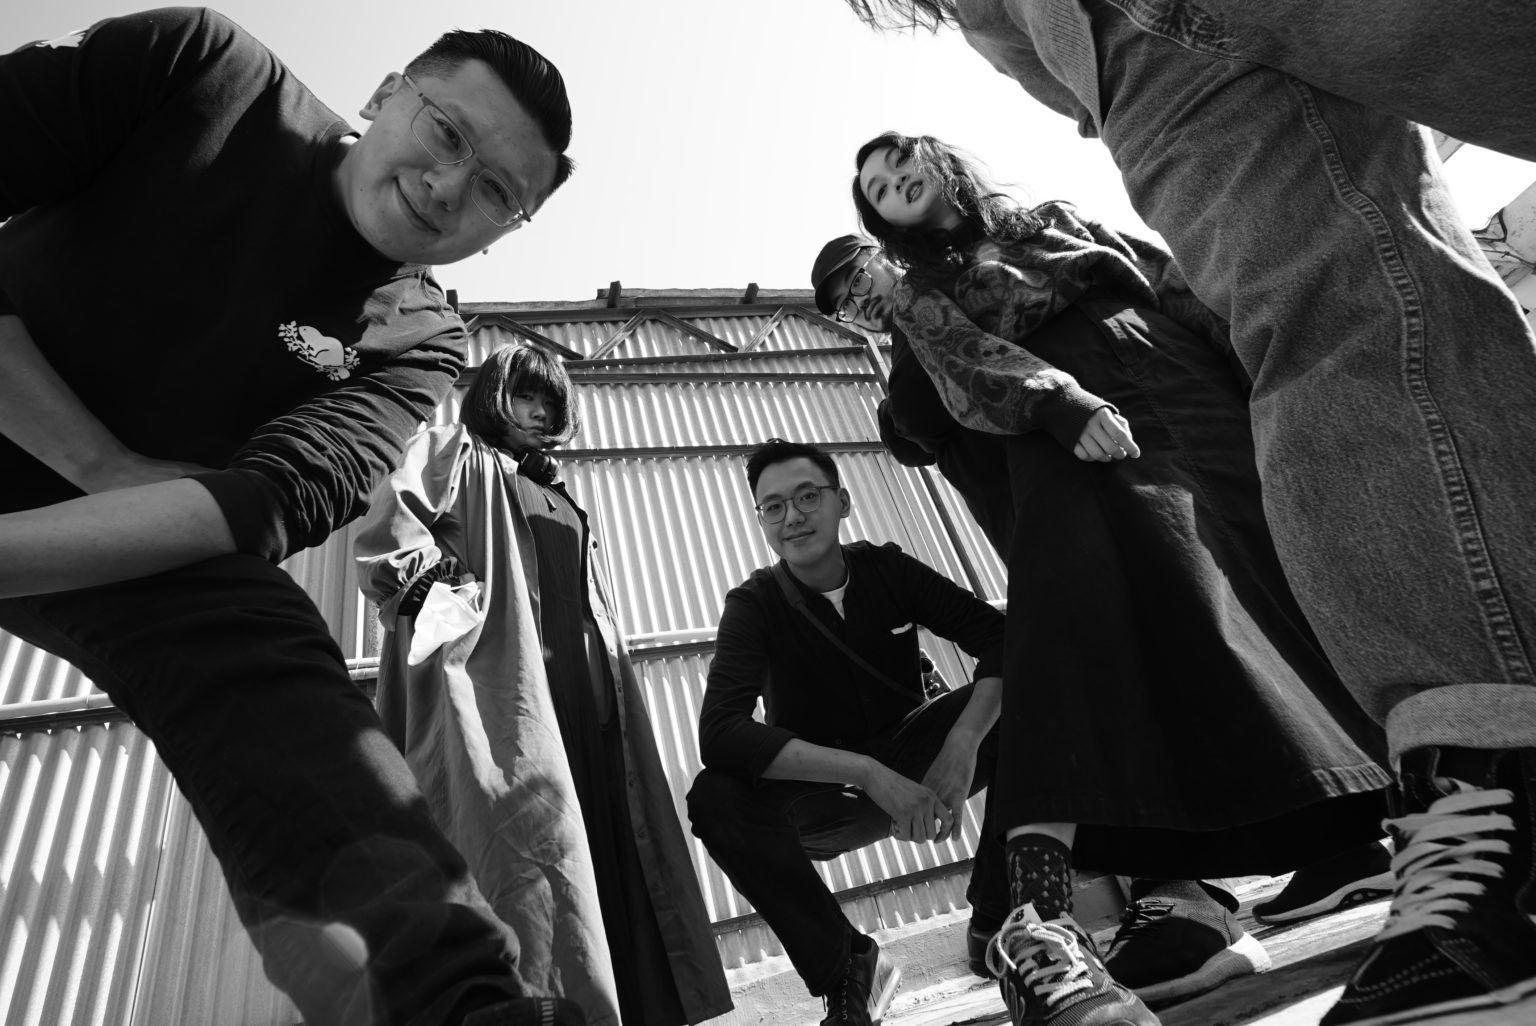 Группа людей смотрит в камеру